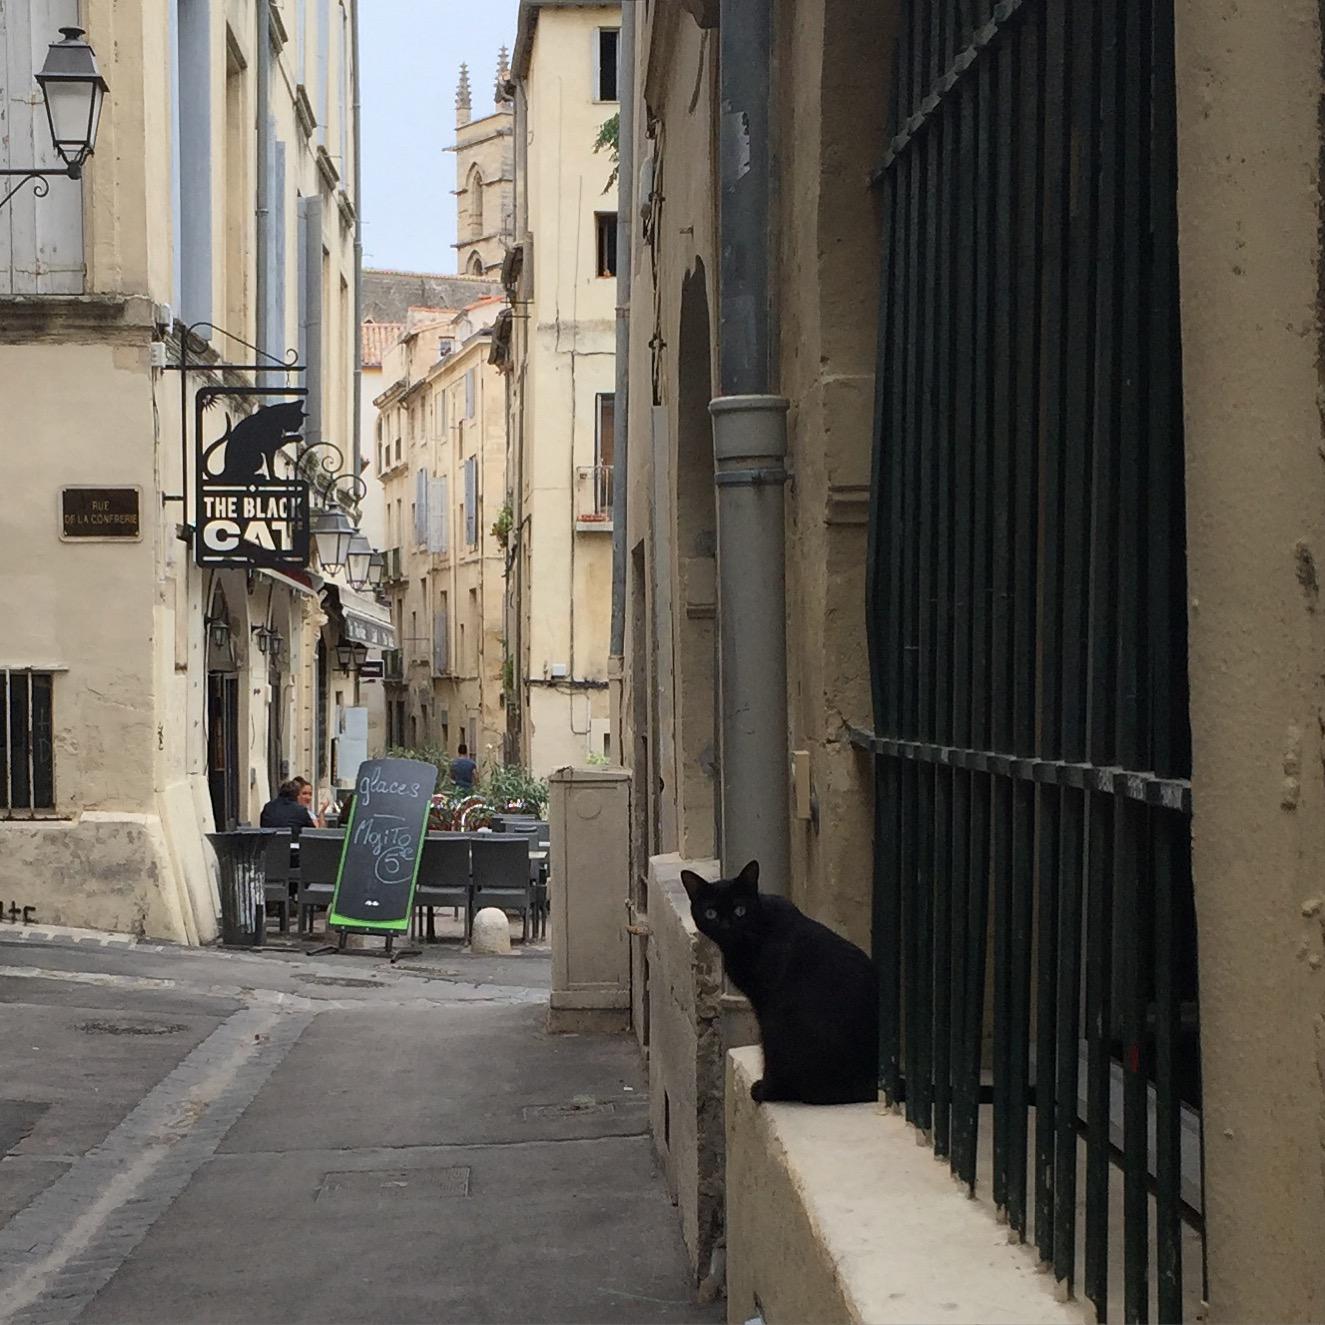 le chat noir_ksoanes